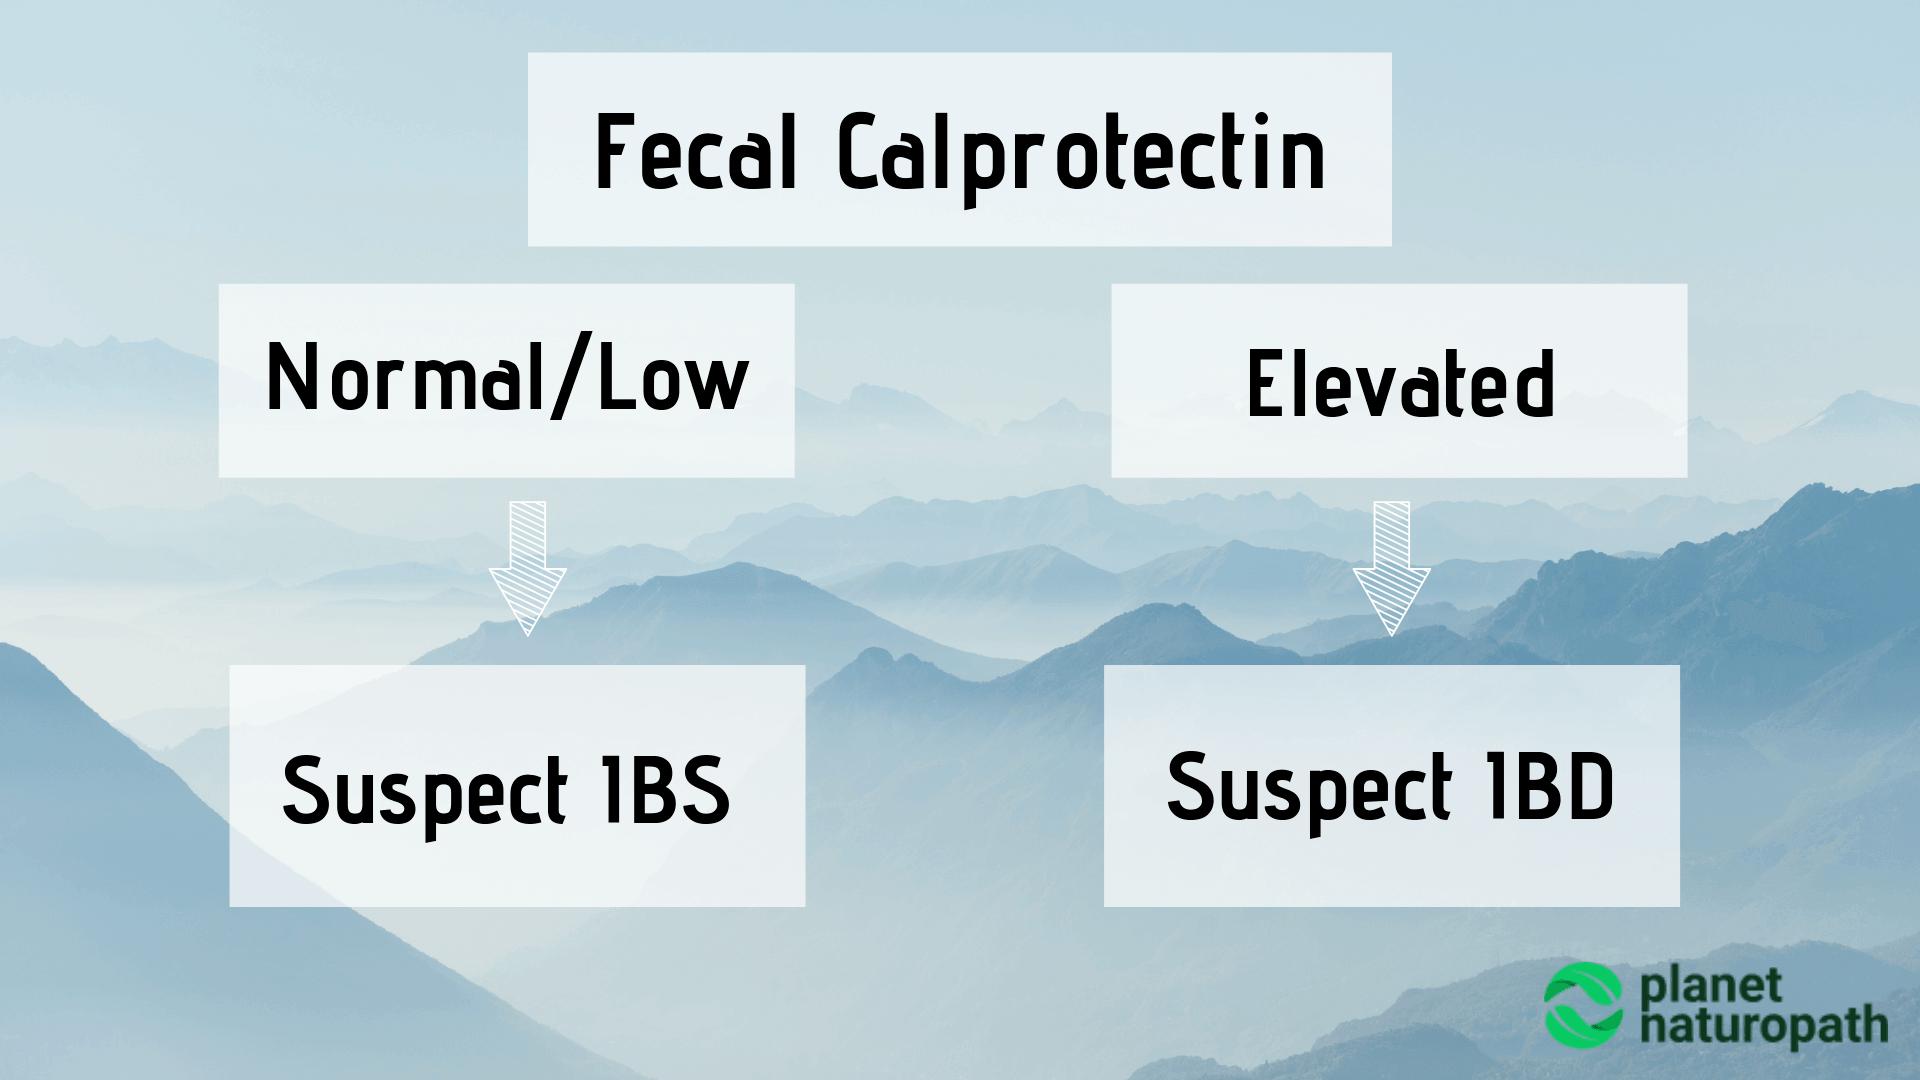 Fecal-Calprotectin